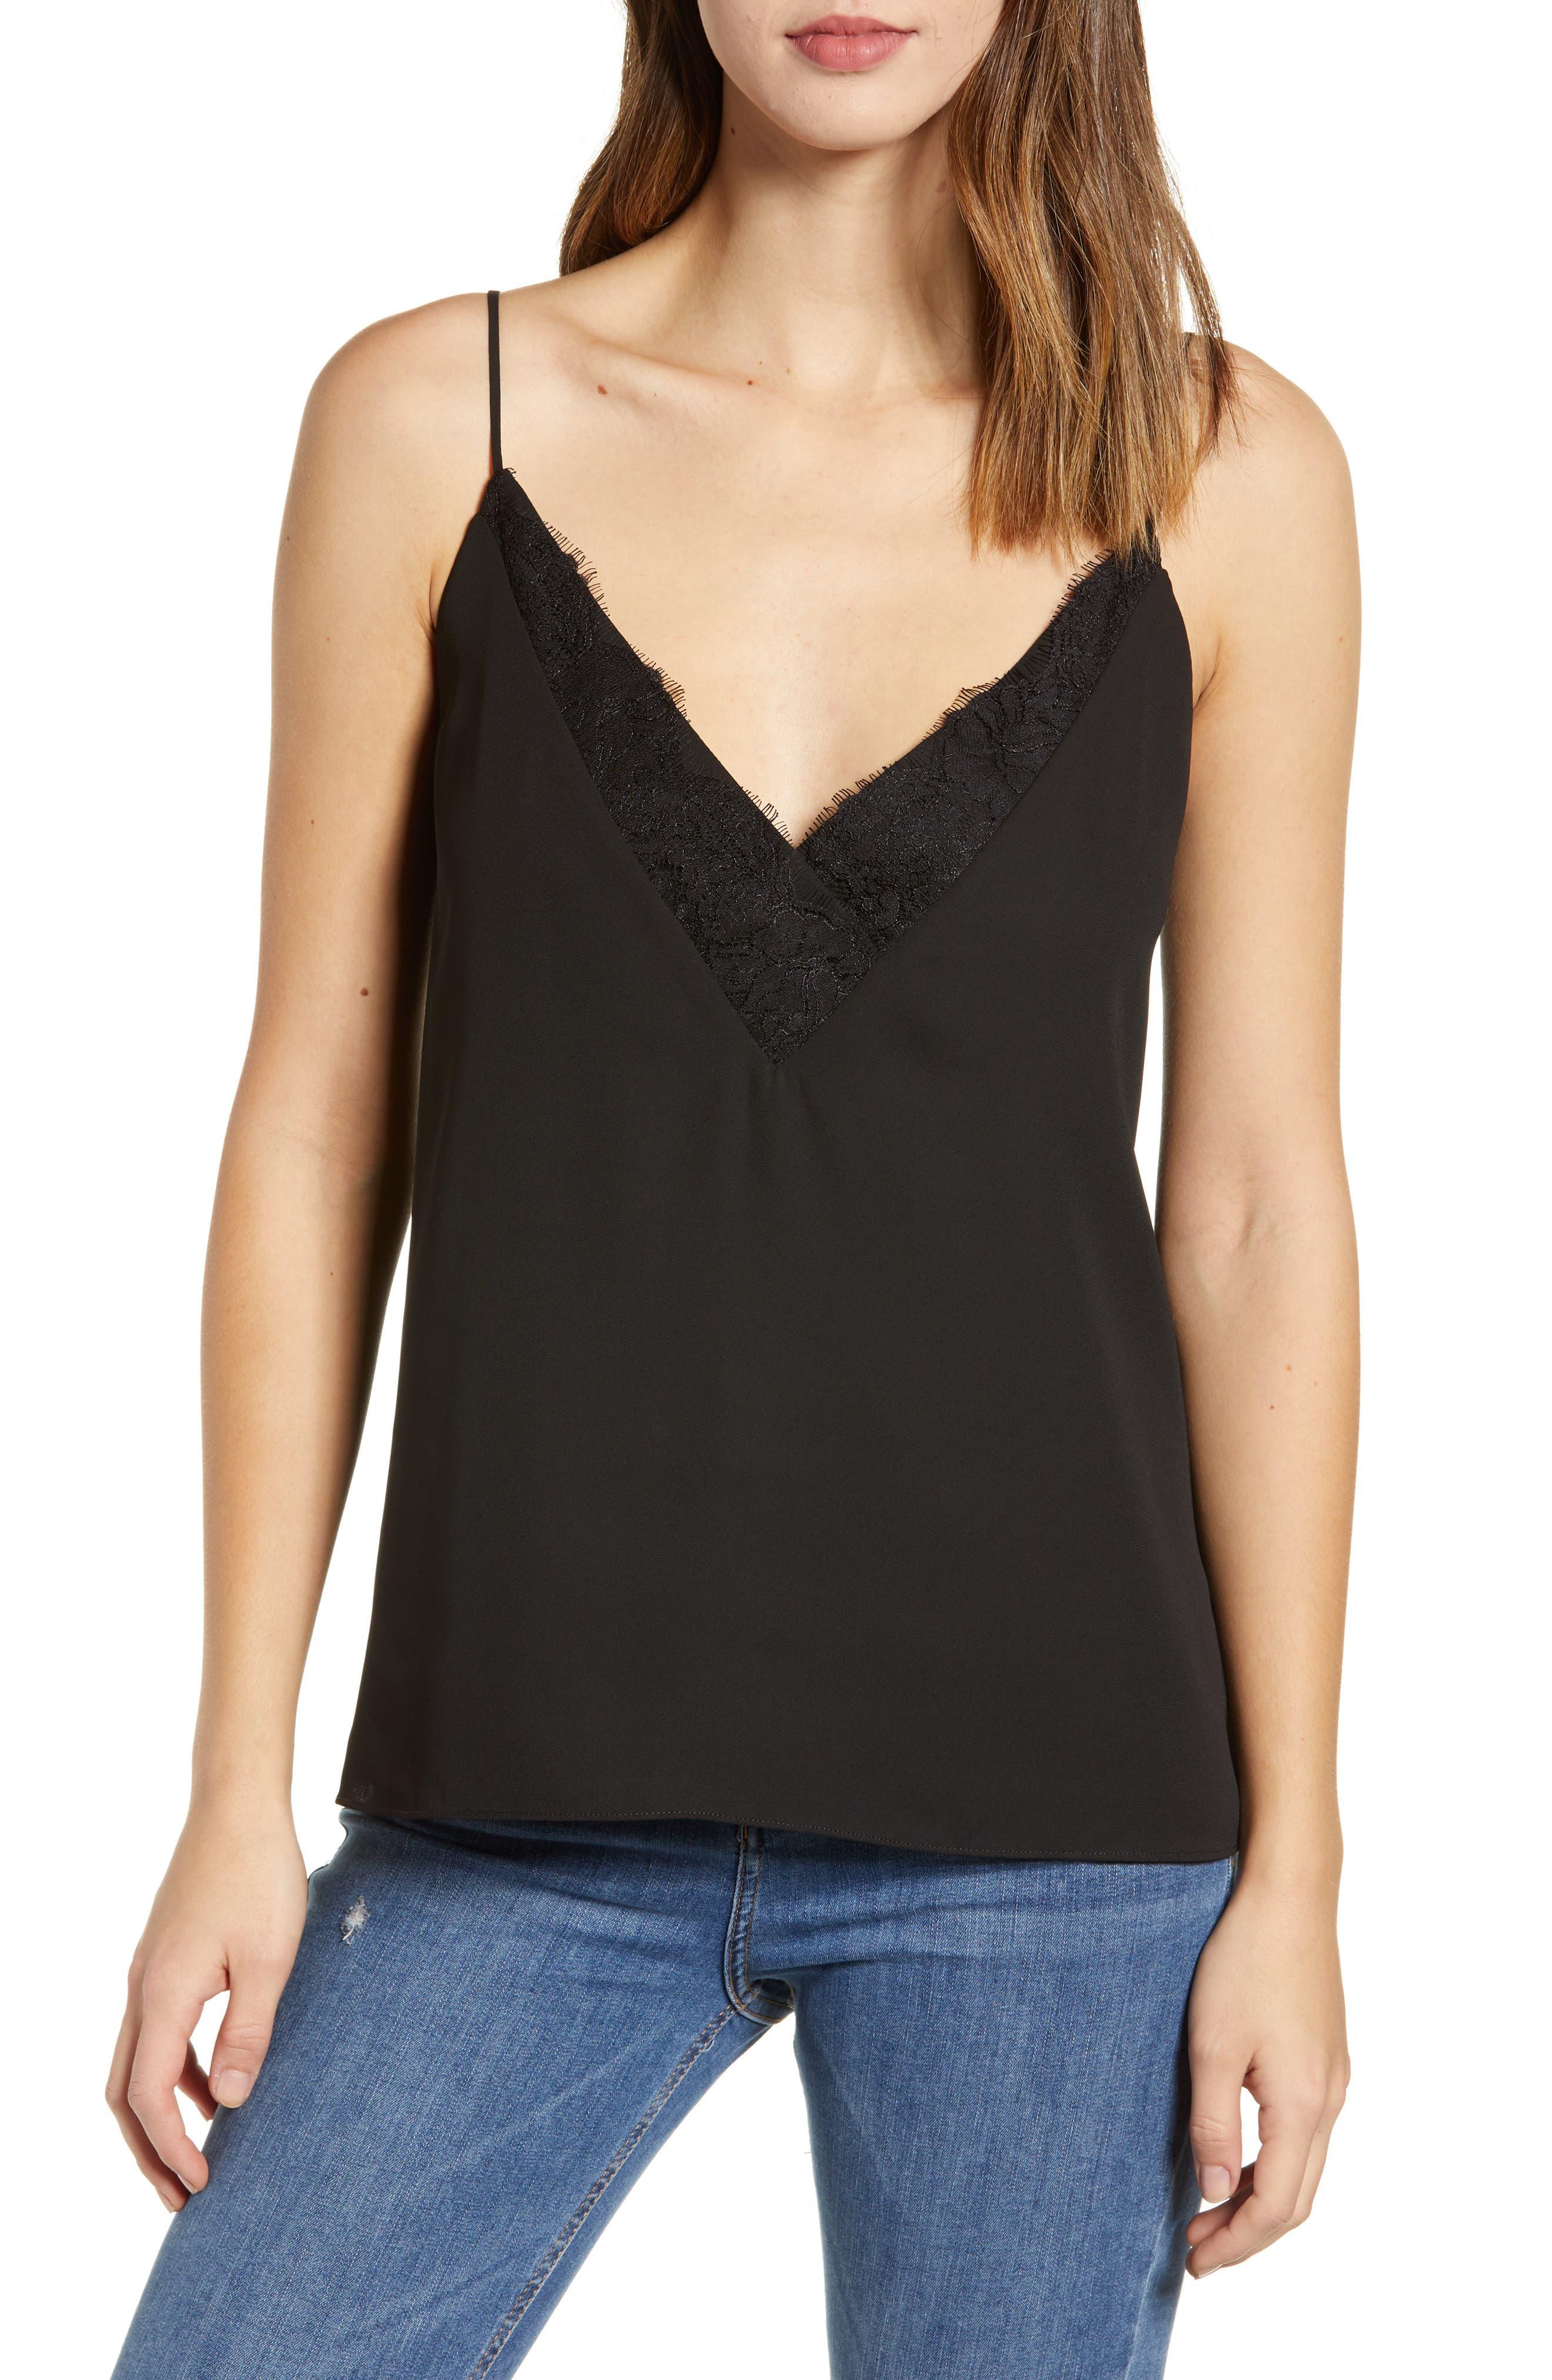 Socialite Lace Trim Camisole Top, Black